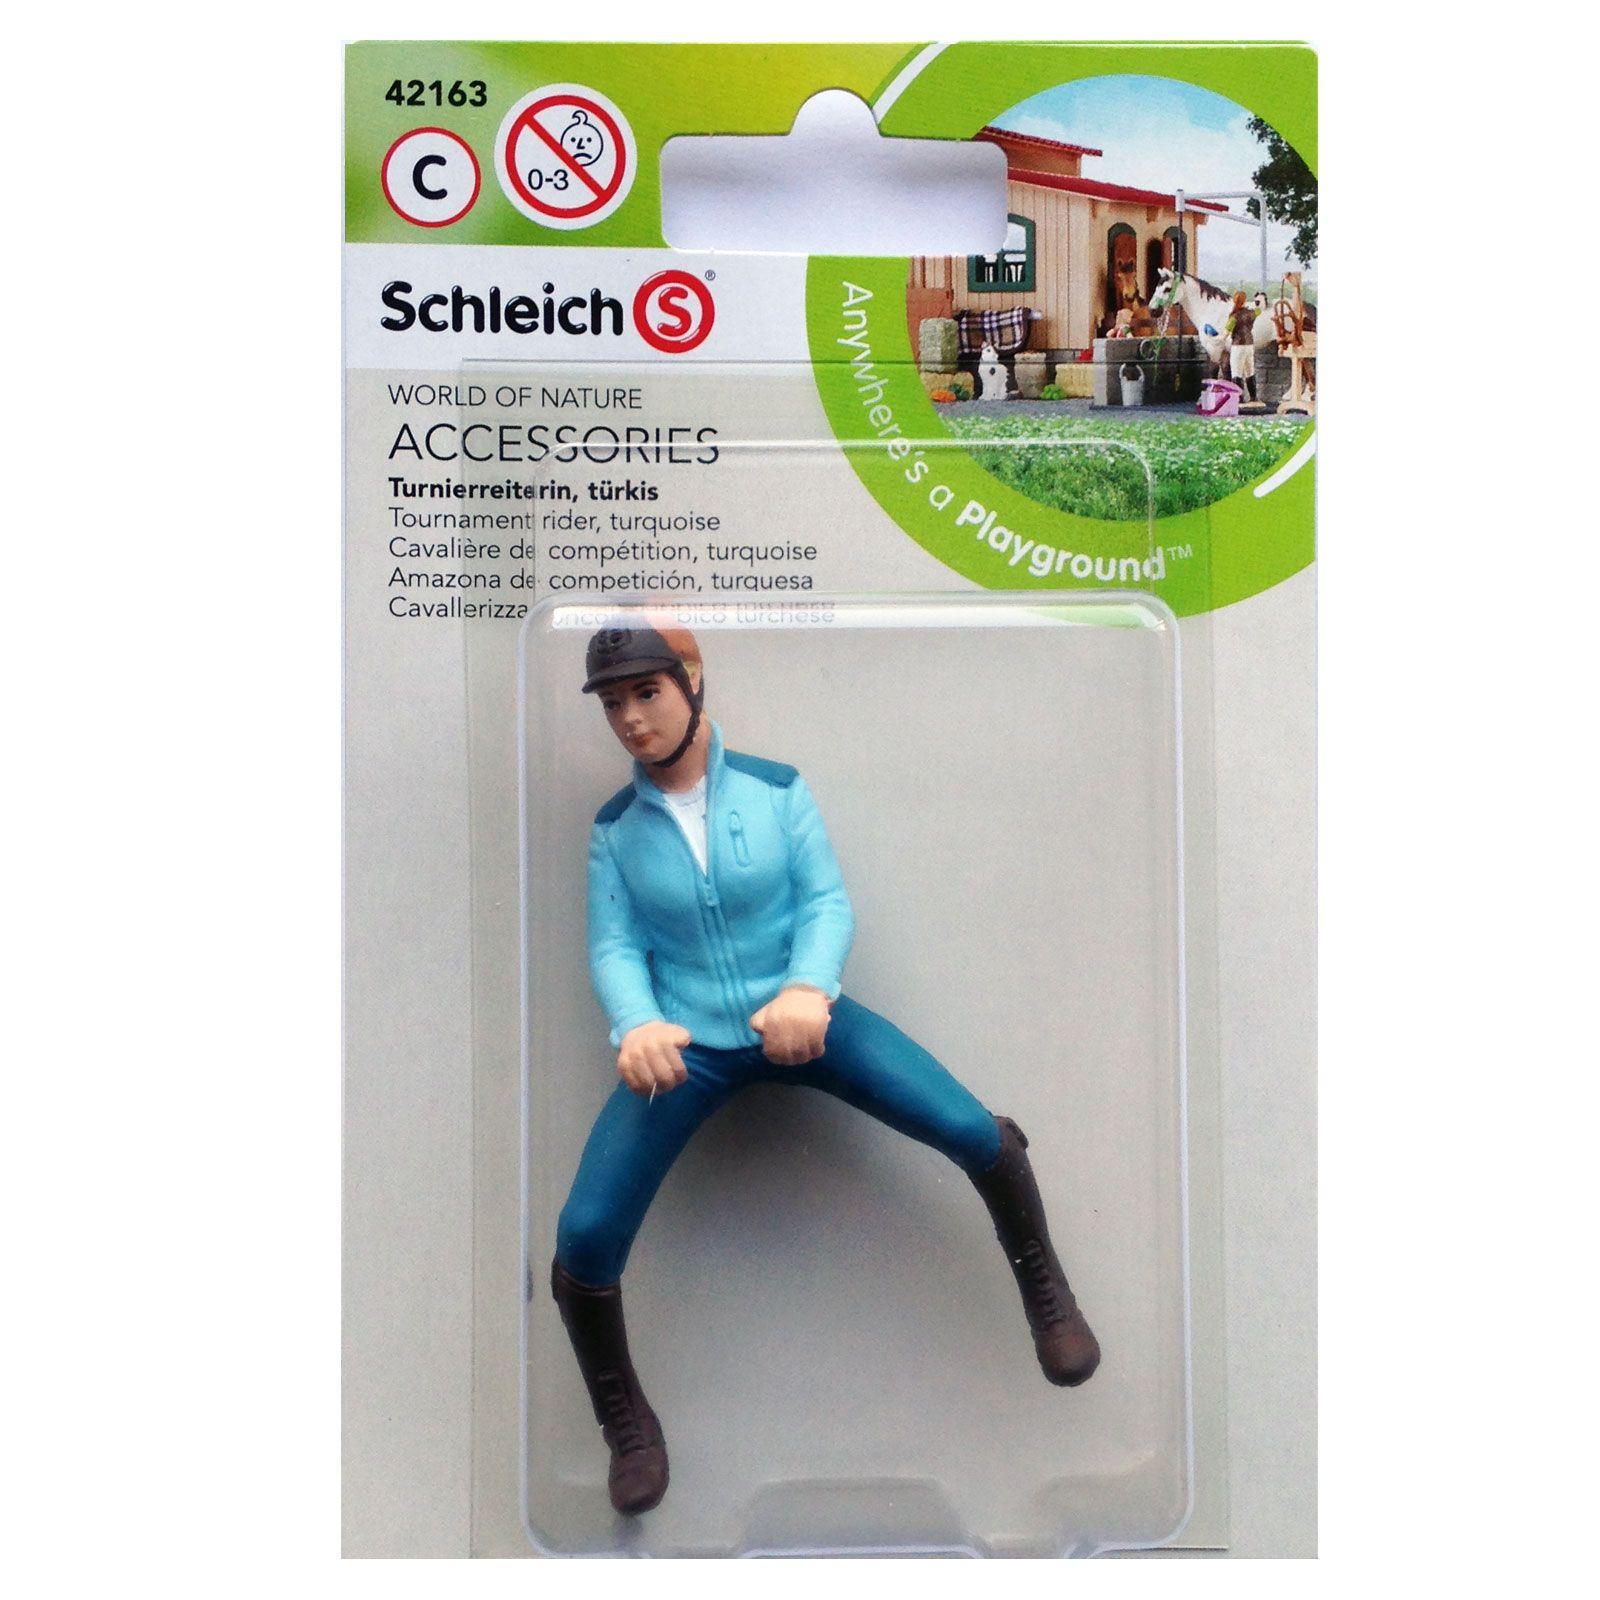 Nouveau Schleich tournoi Rider Turquoise